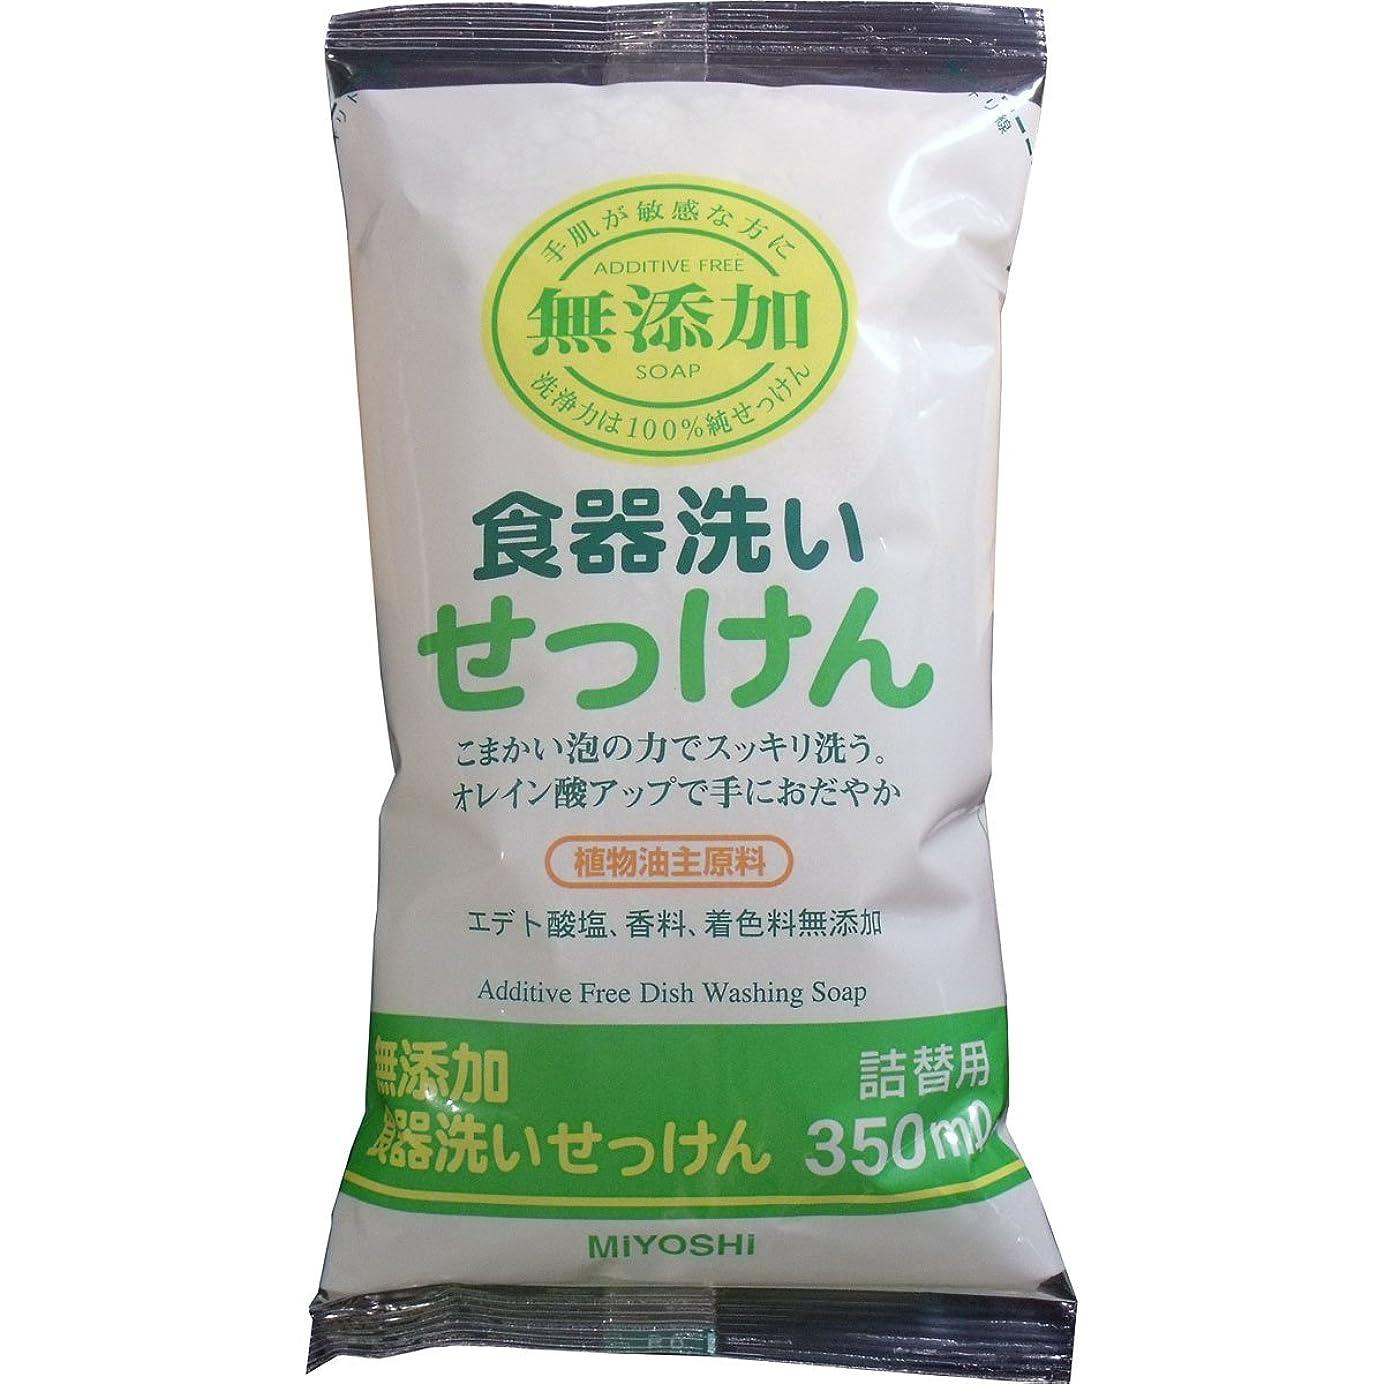 コークス焼くぼろミヨシ 無添加 食器洗いせっけん つめかえ用 350ml(無添加石鹸)